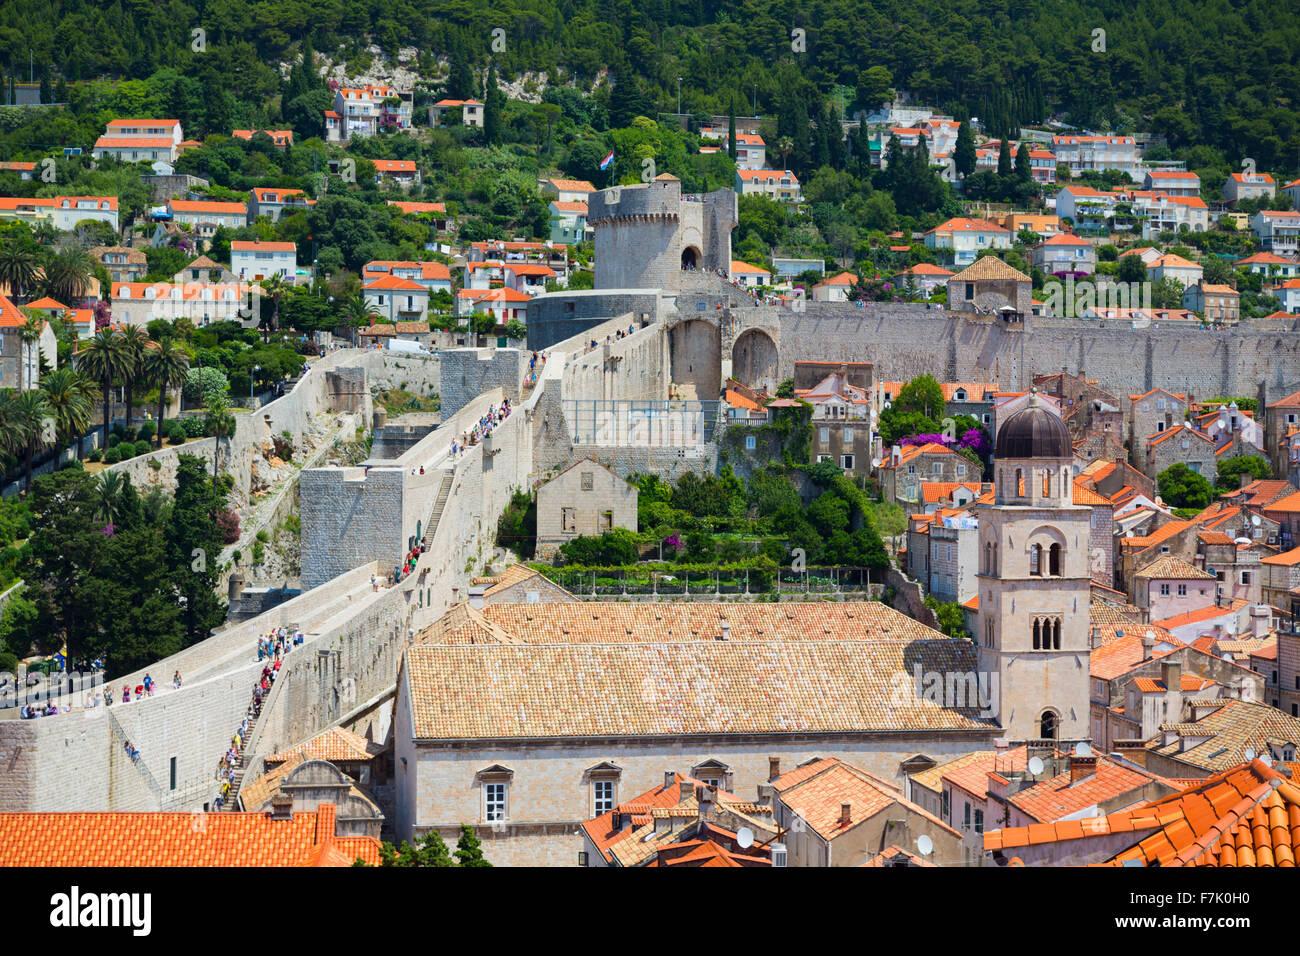 Dubrovnik, Dubrovnik-Neretva County, Croazia. Visitatori sulla passeggiata delle mura della città vecchia. Immagini Stock